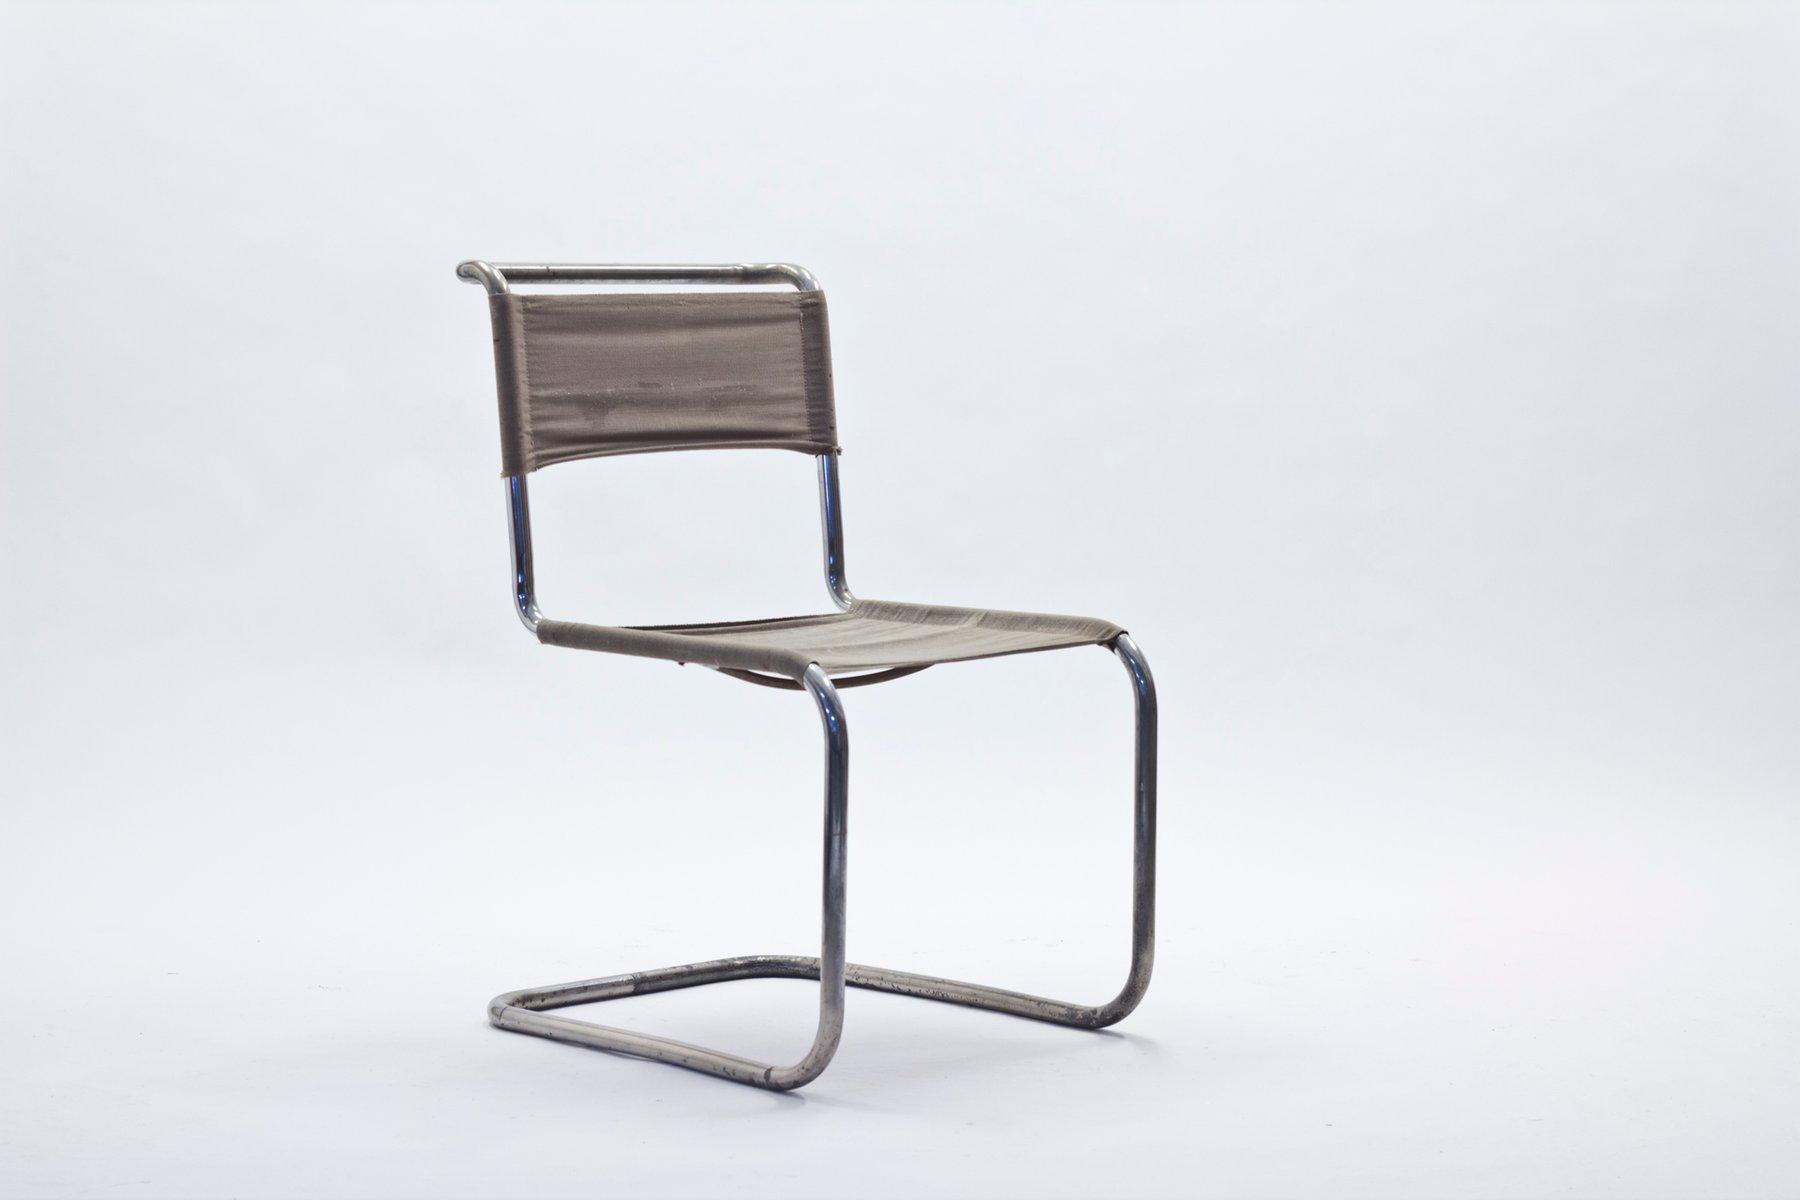 b33 freischwinger von marcel breuer mart stam f r thonet 1930er bei pamono kaufen. Black Bedroom Furniture Sets. Home Design Ideas